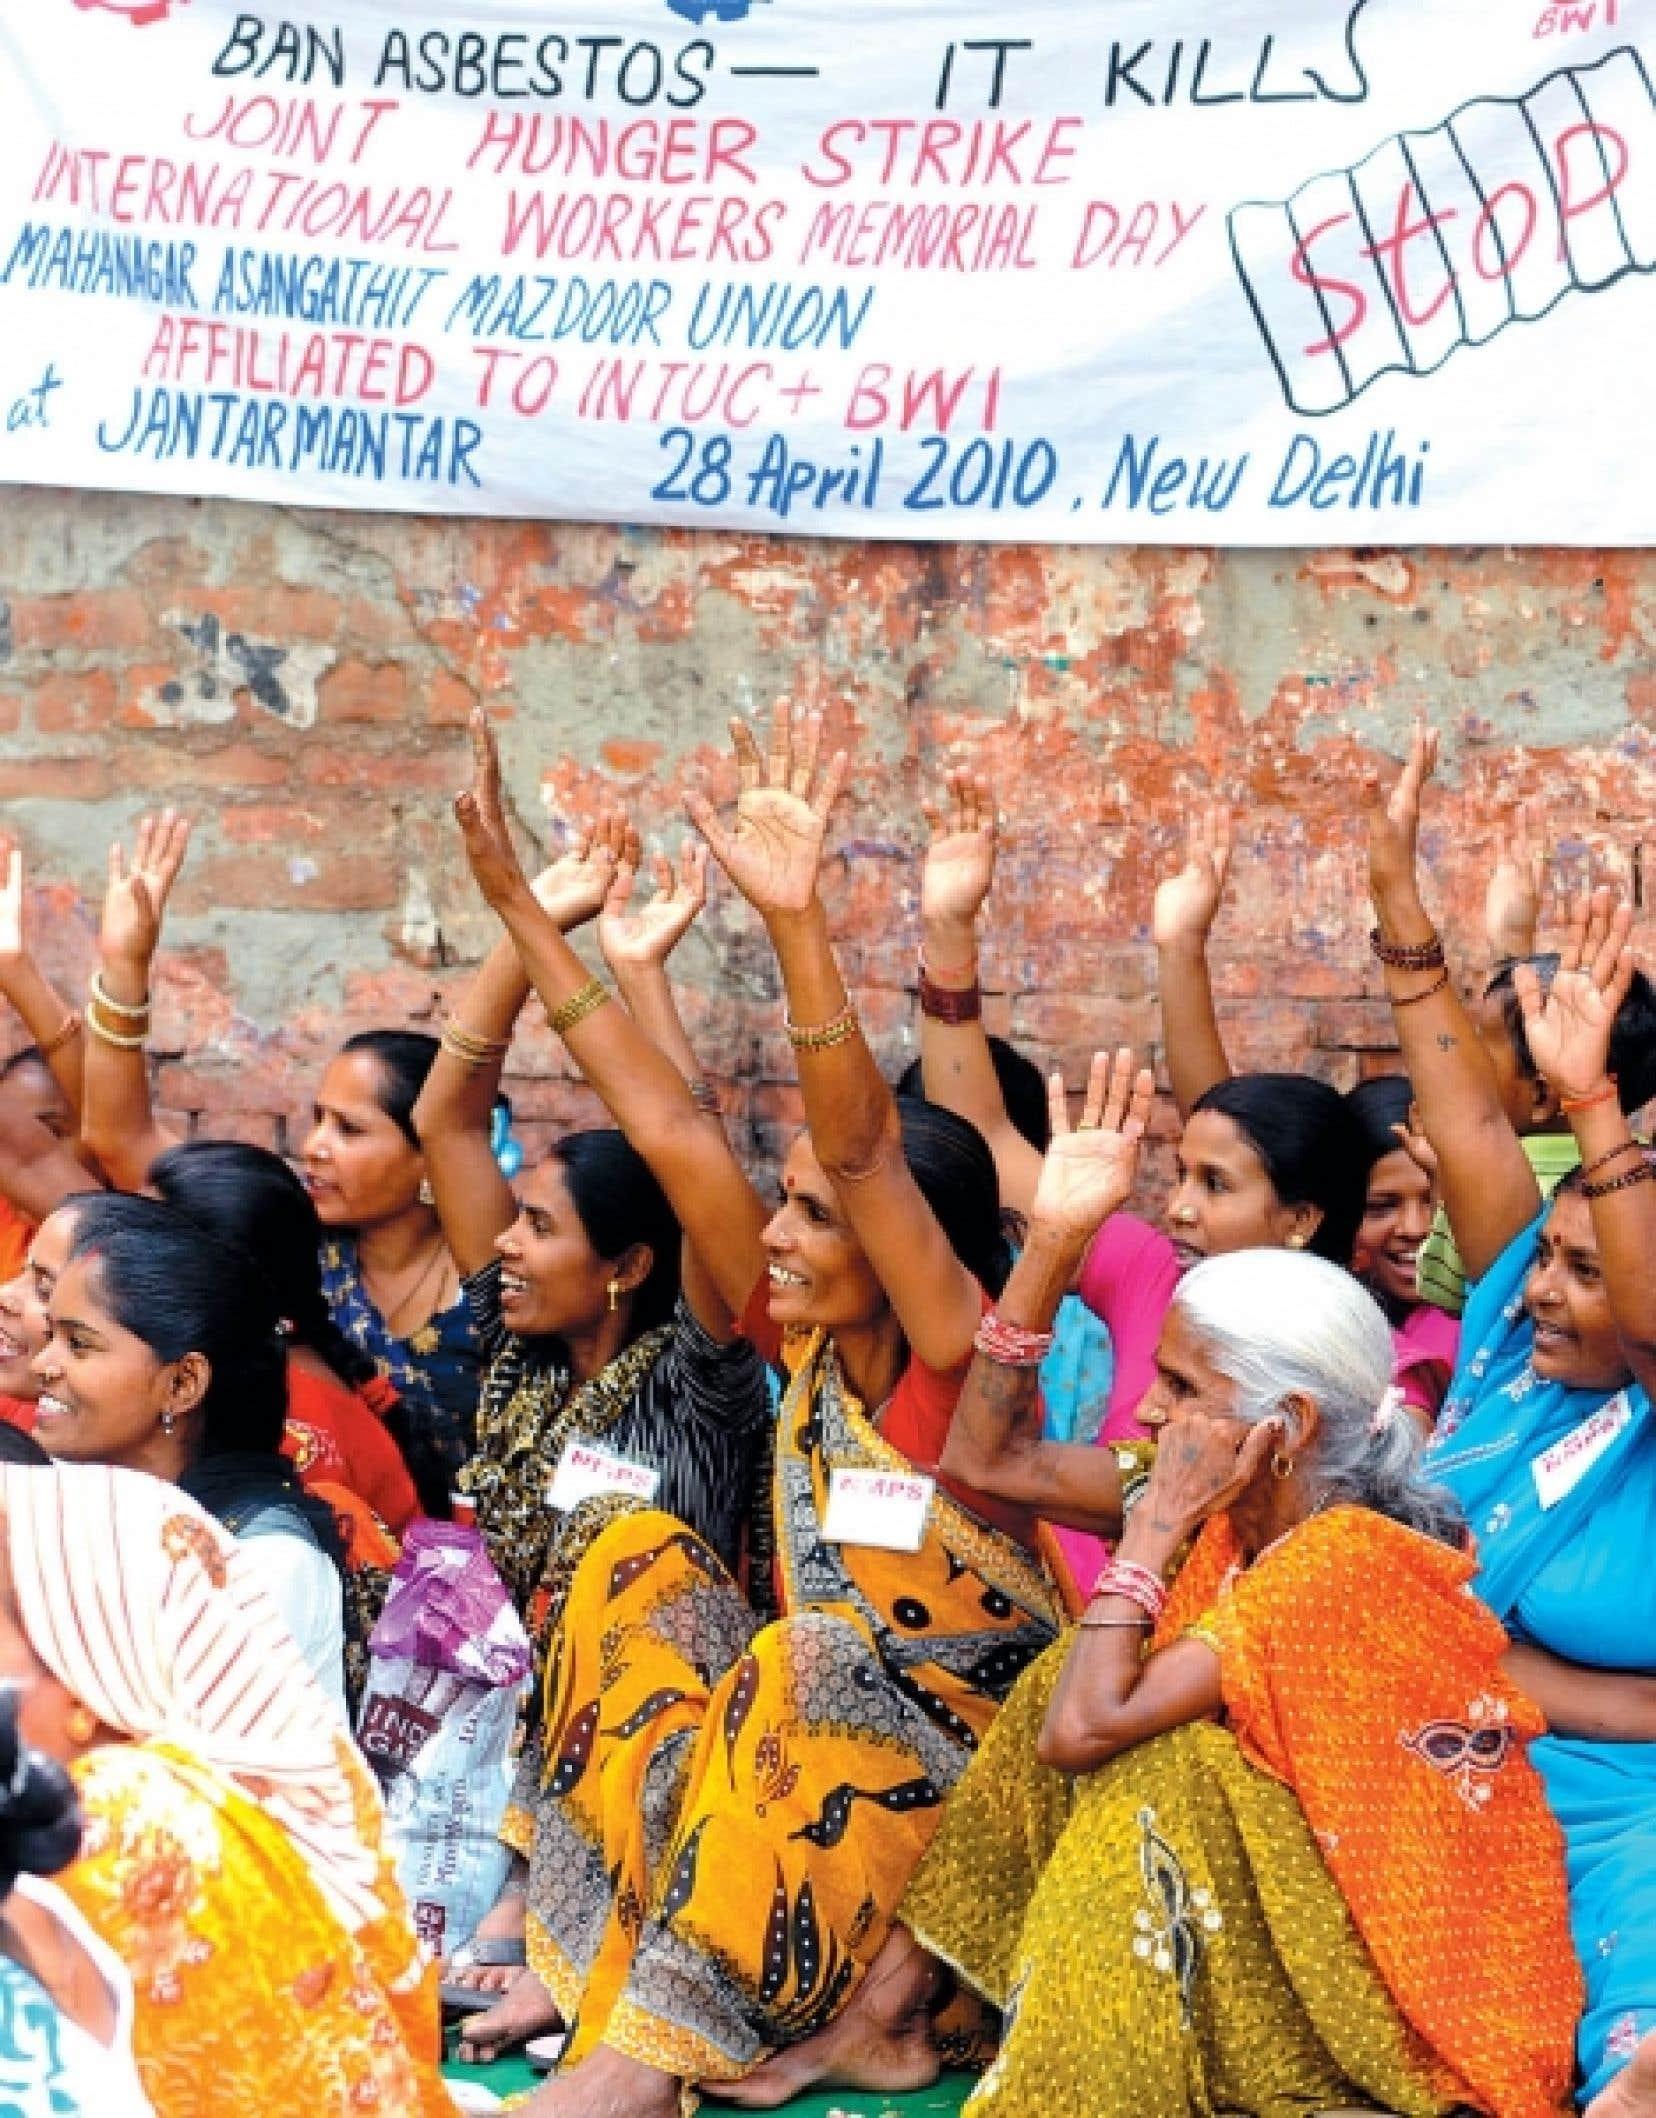 Des travailleurs de la construction manifestaient en 2010 &agrave; New Delhi contre l&rsquo;utilisation de l&rsquo;amiante.<br />